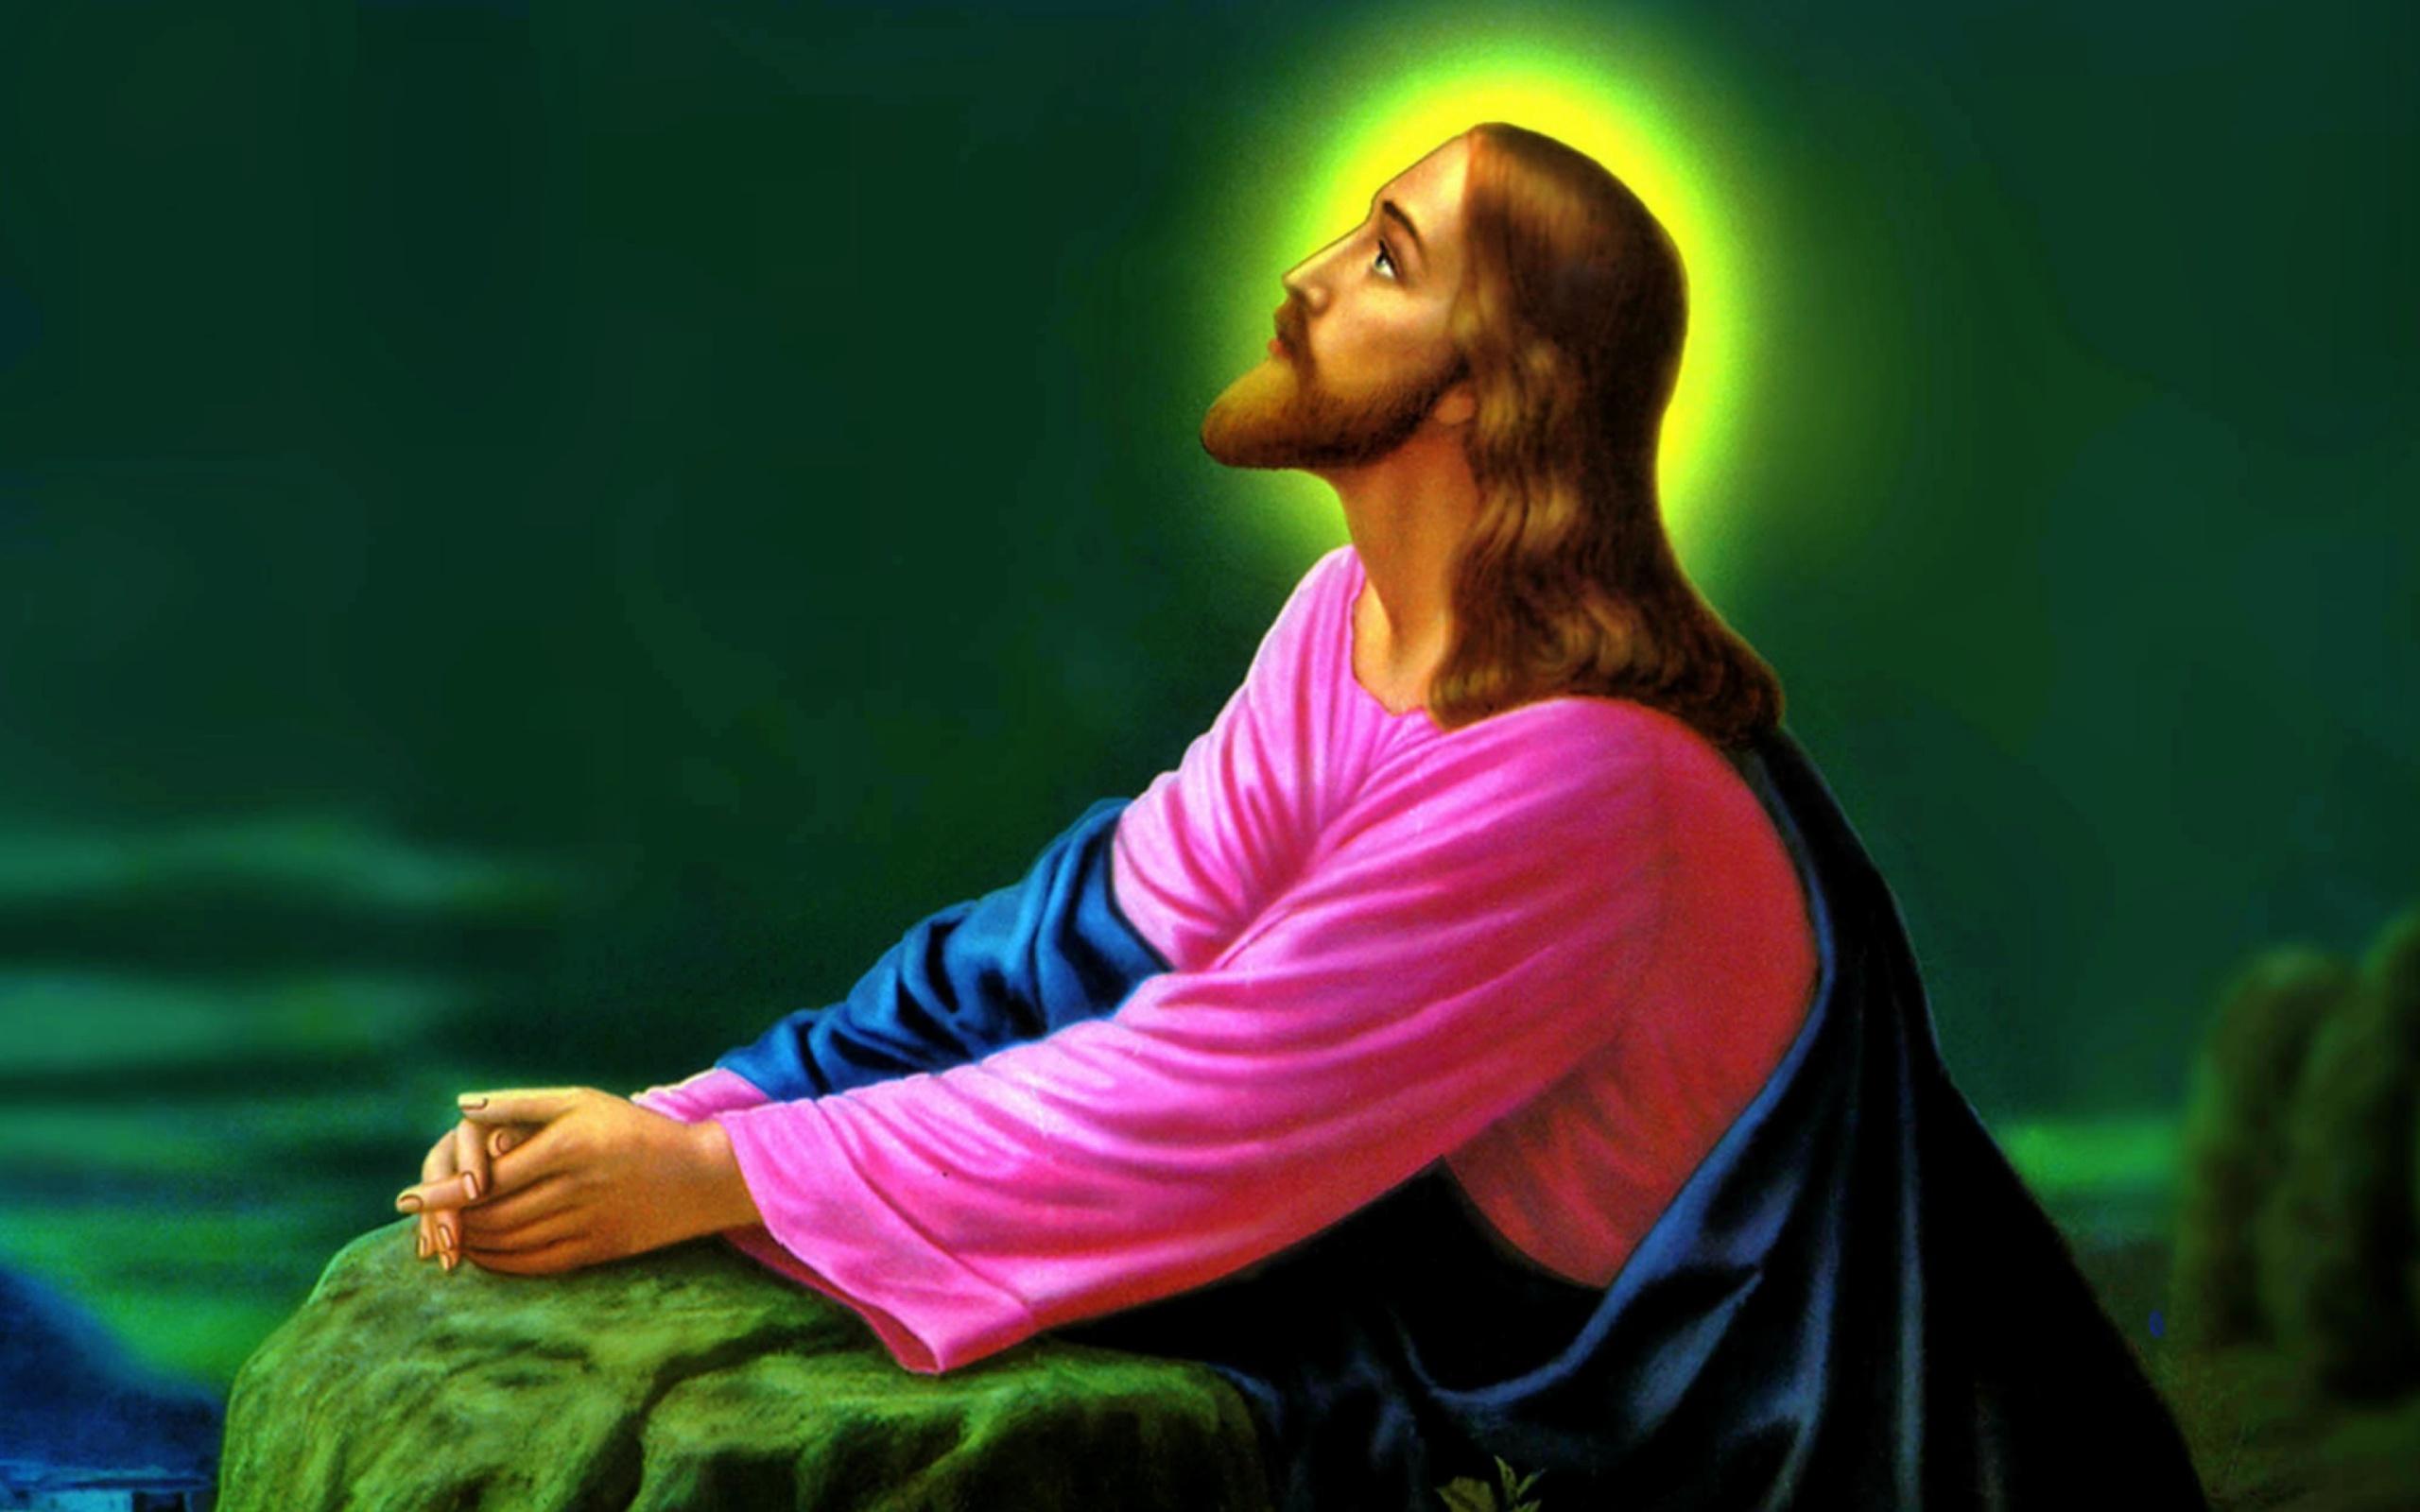 Картинки об иисусе христе на рабочий стол